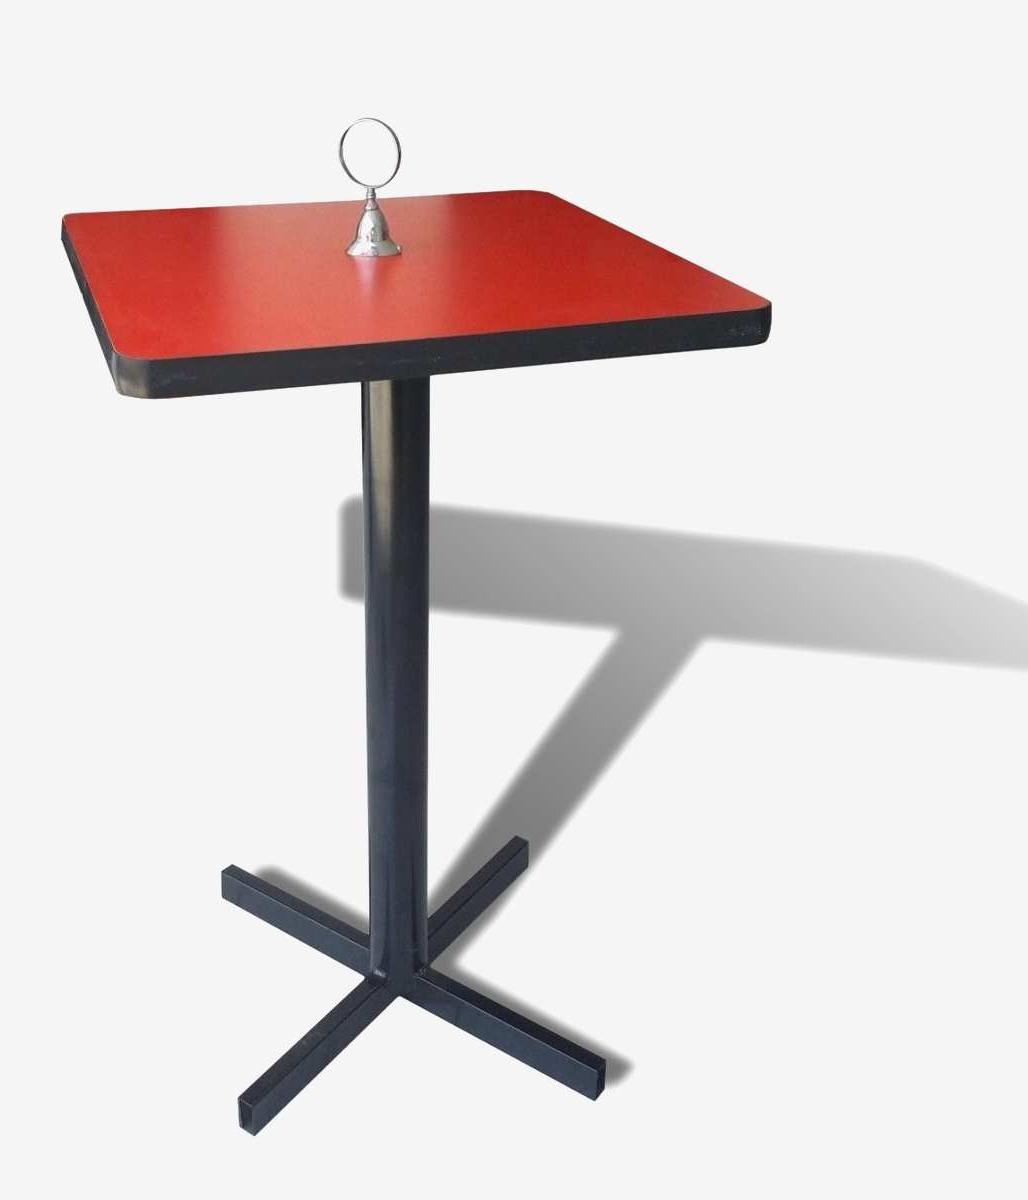 Donde Puedo Vender Muebles Usados En Madrid Bqdd Adorable Mesa Periquera Bar Lounge Restaurante Fabricamos 1 000